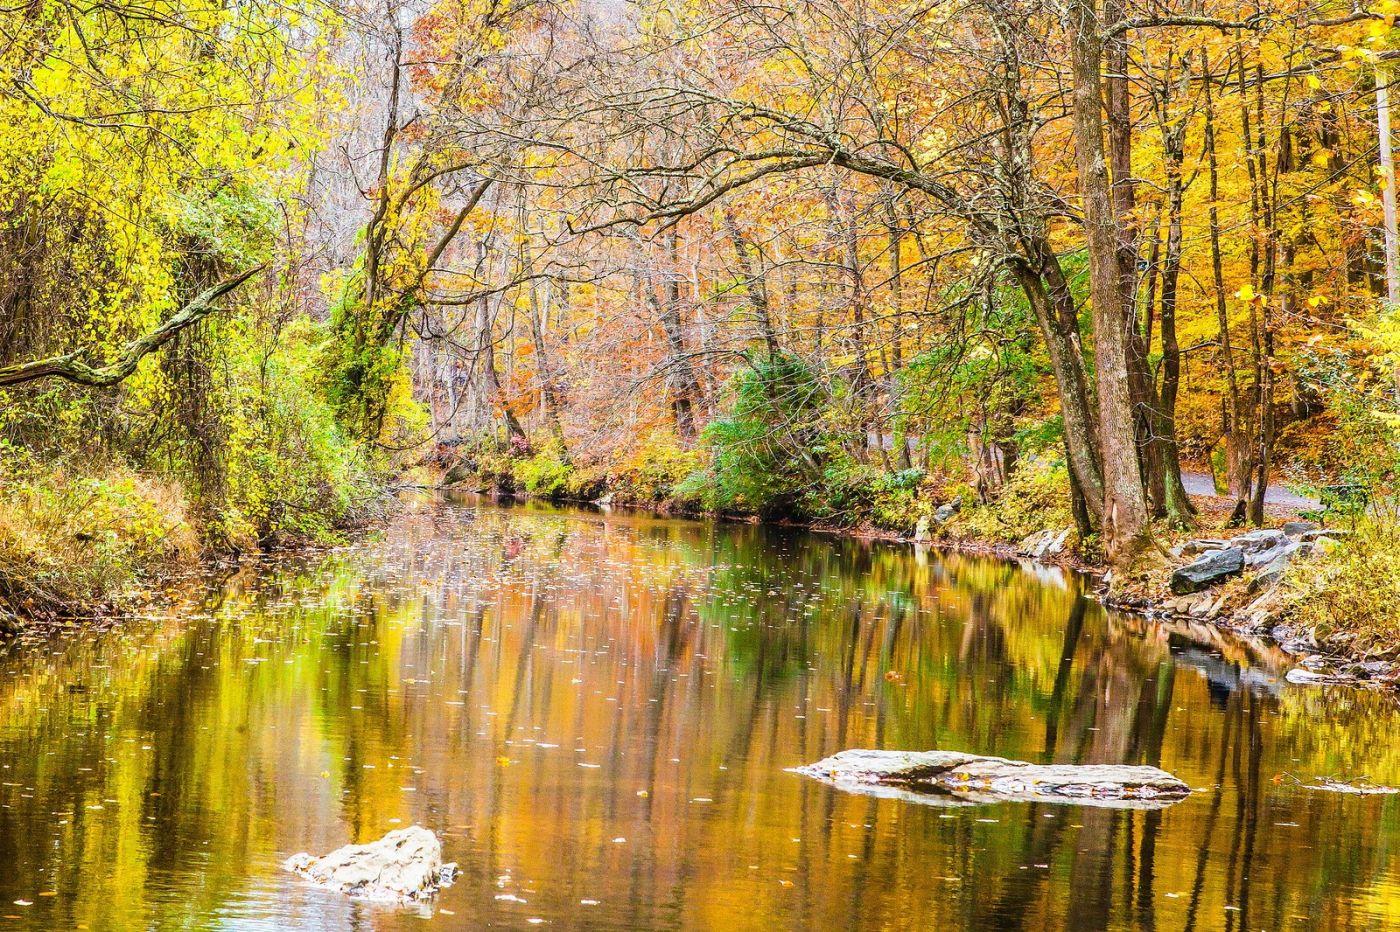 宾州雷德利克里克公园(Ridley creek park),迷人的秋色_图1-12